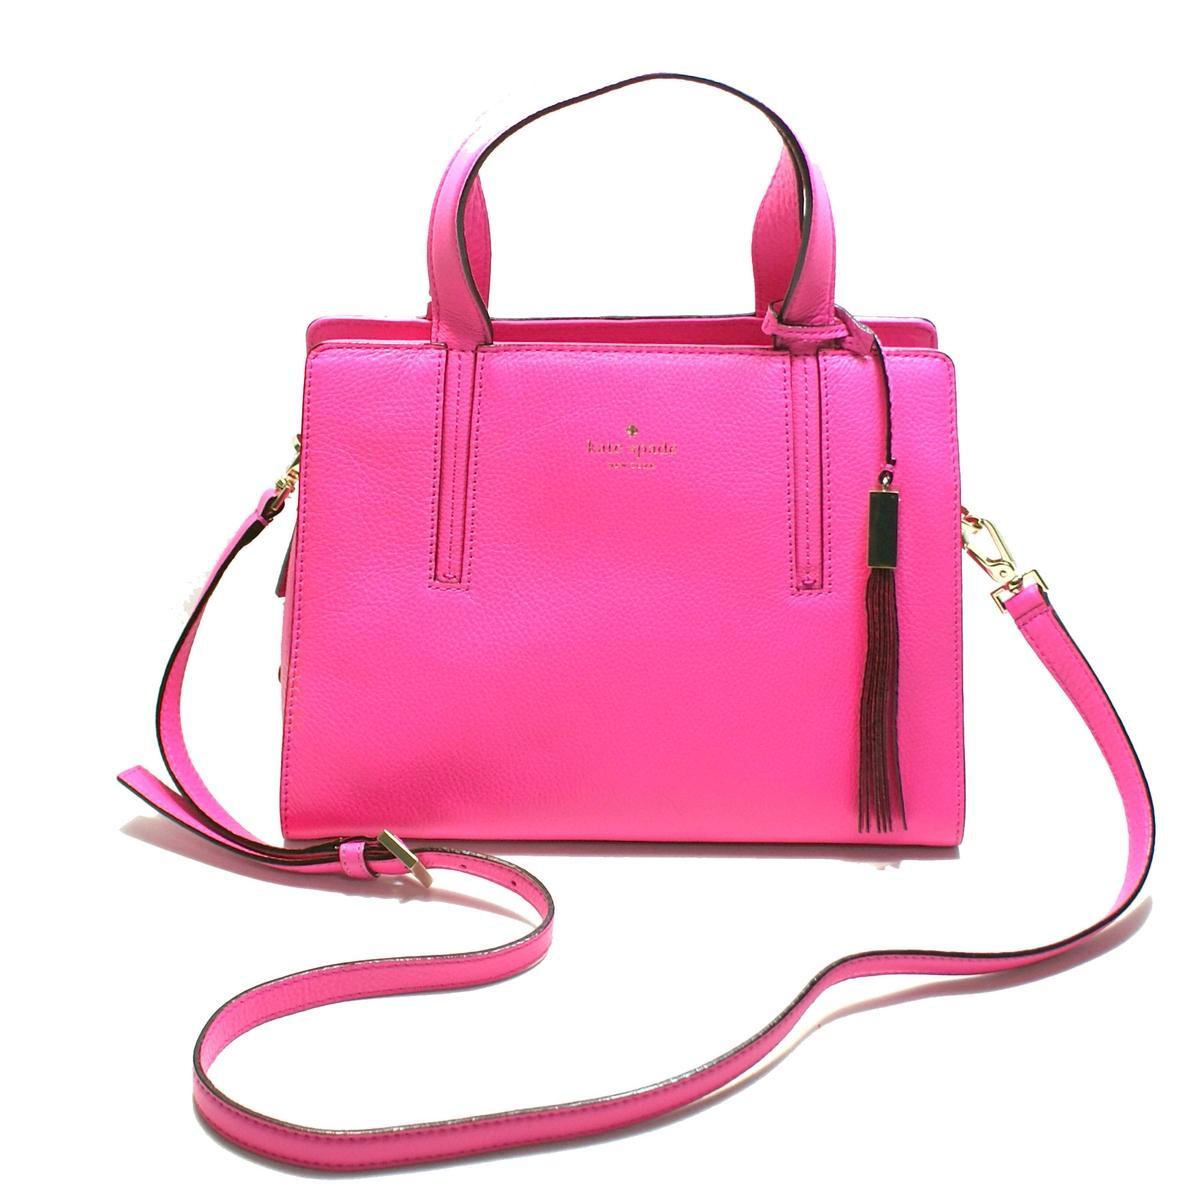 ... Street Pink Satchel/ Crossbody Bag #WKRU3169 : Kate Spade WKRU3169